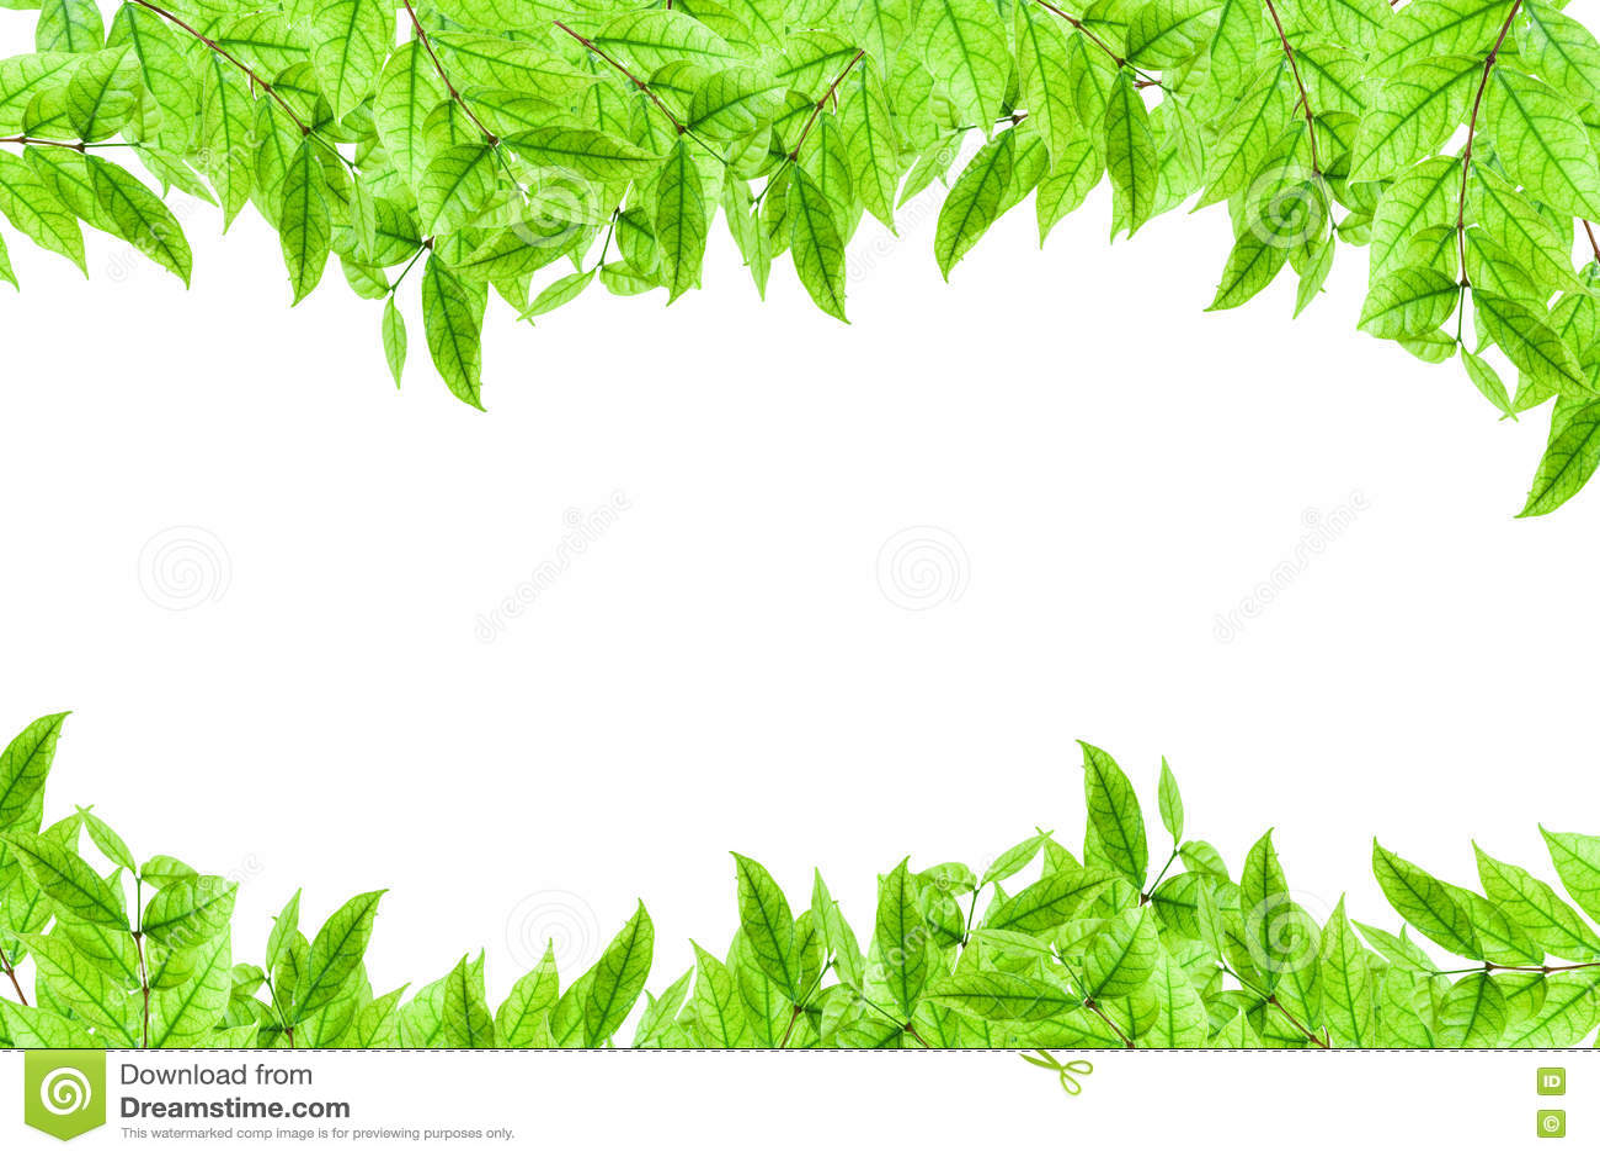 Quadro Novo Fresco Da Planta Verde E Da Folha No Fundo